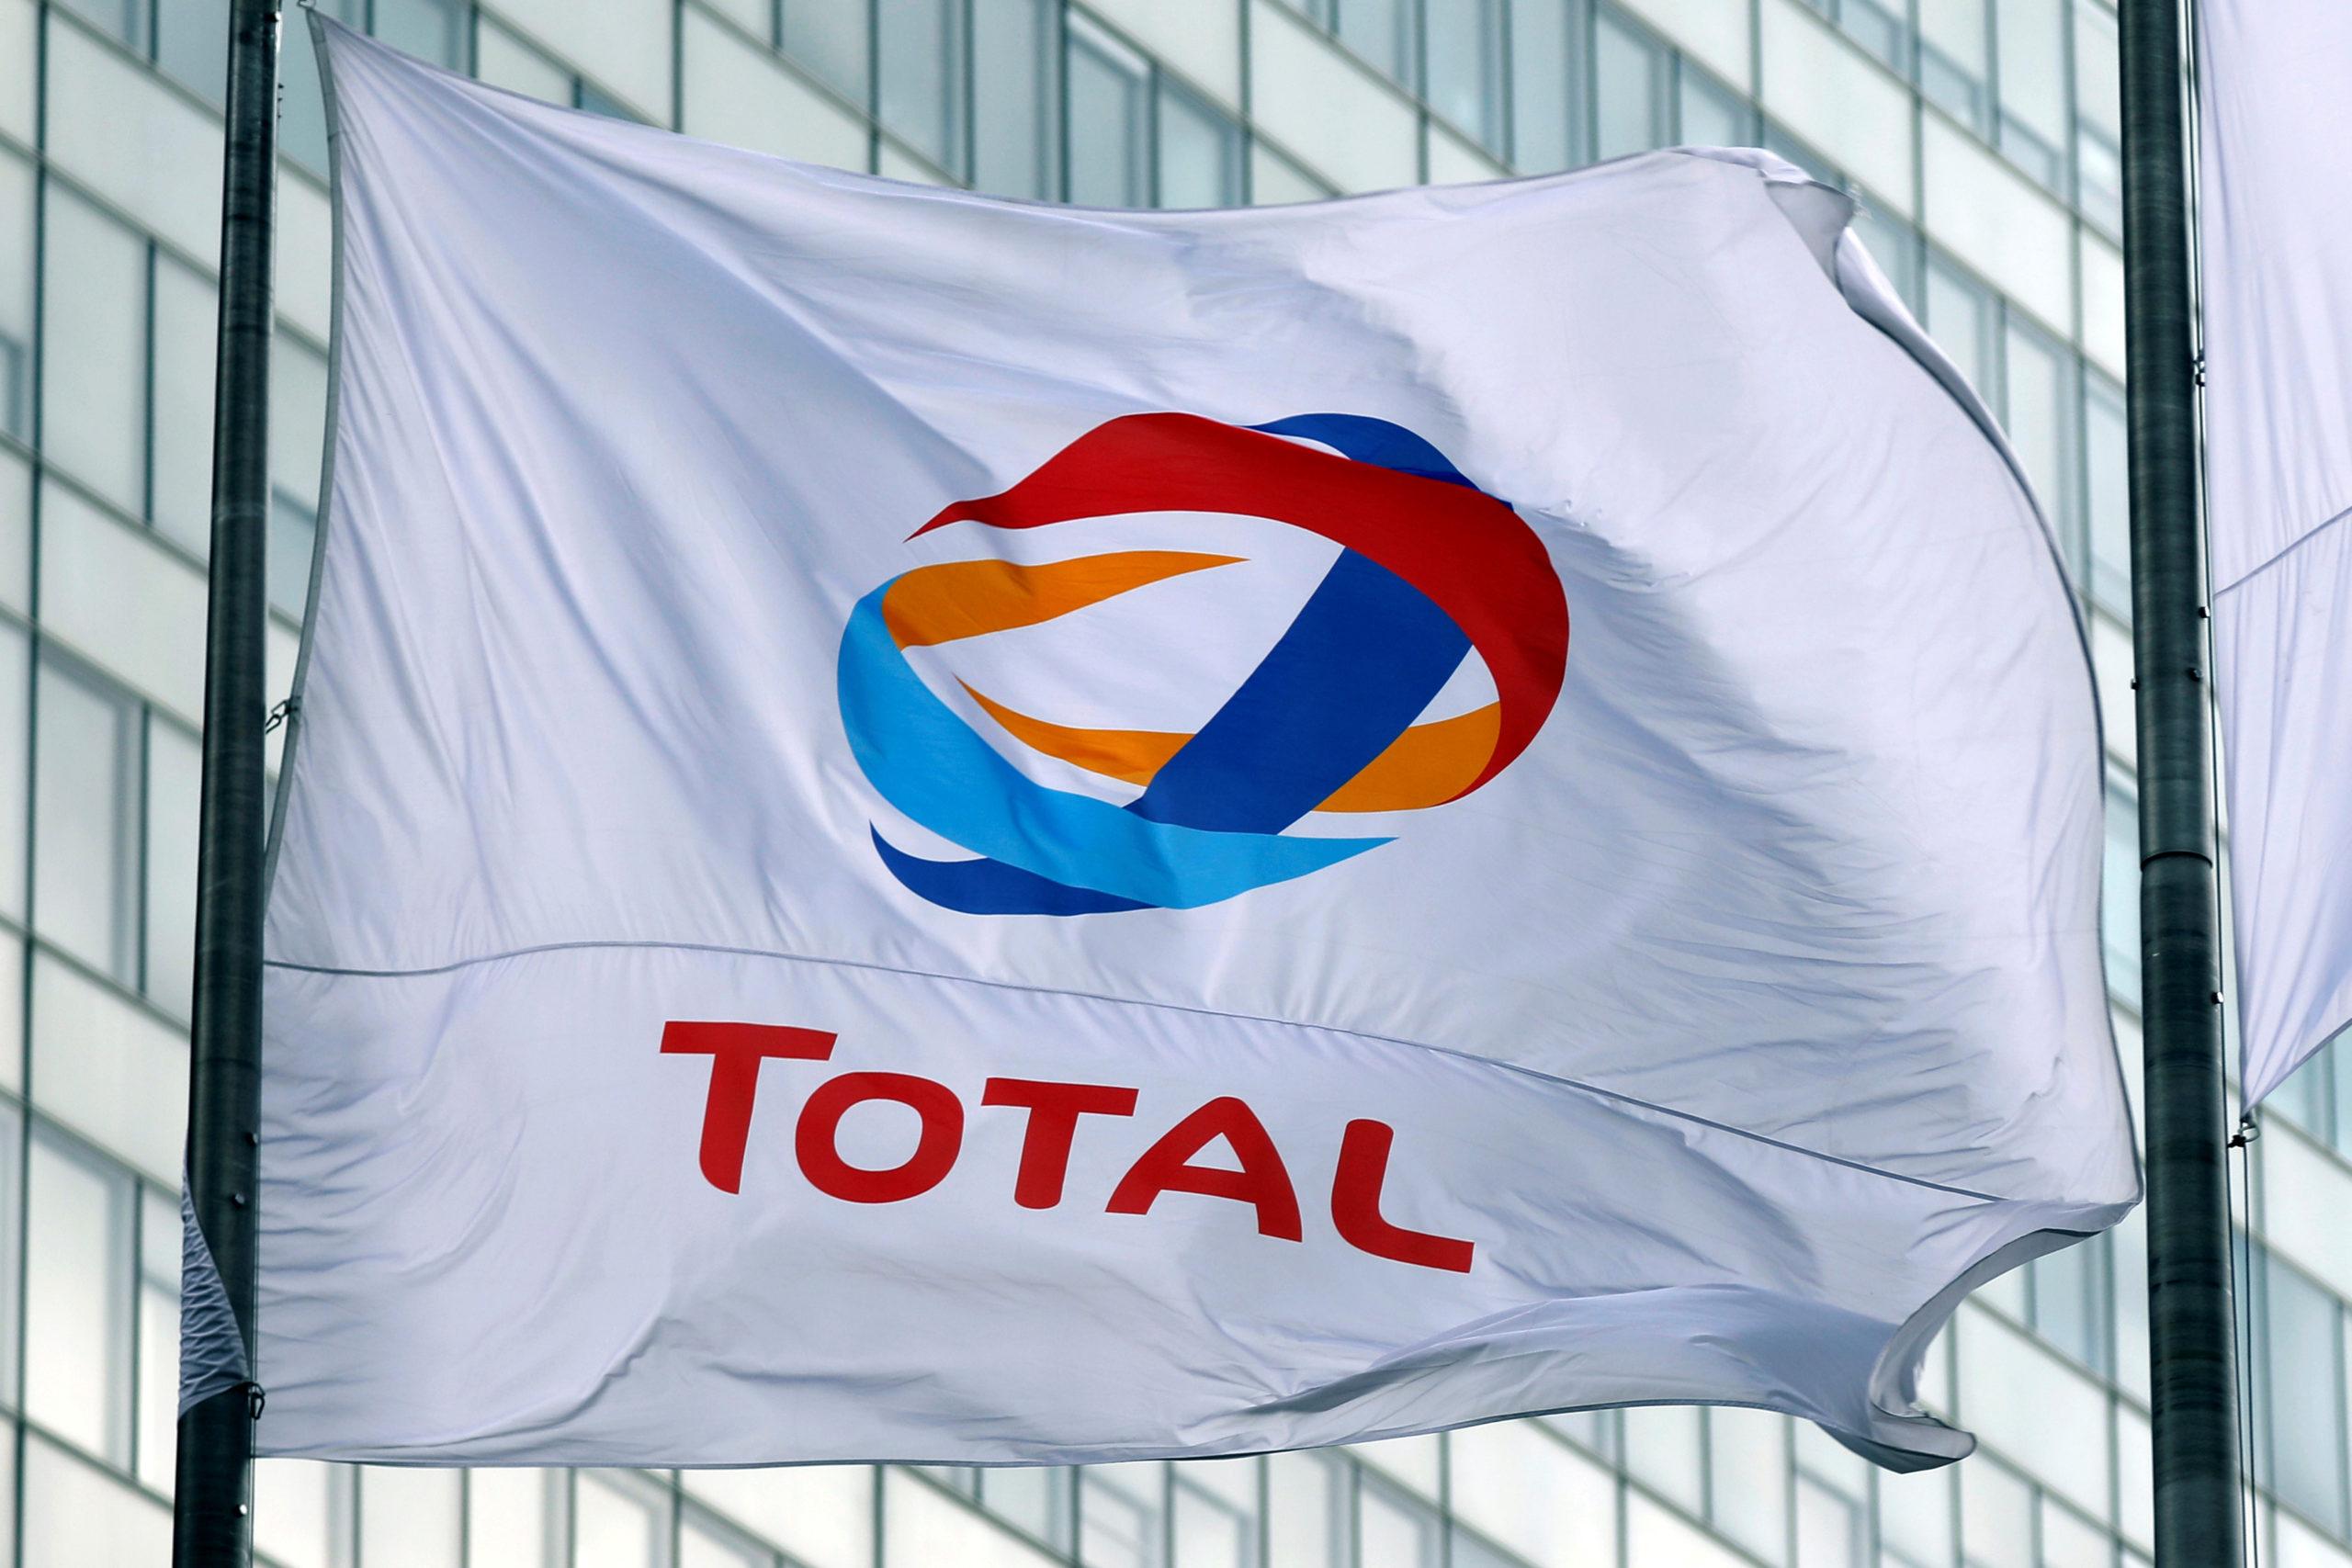 Une grève perturbe l'activité à la raffinerie Total de Grandpuits